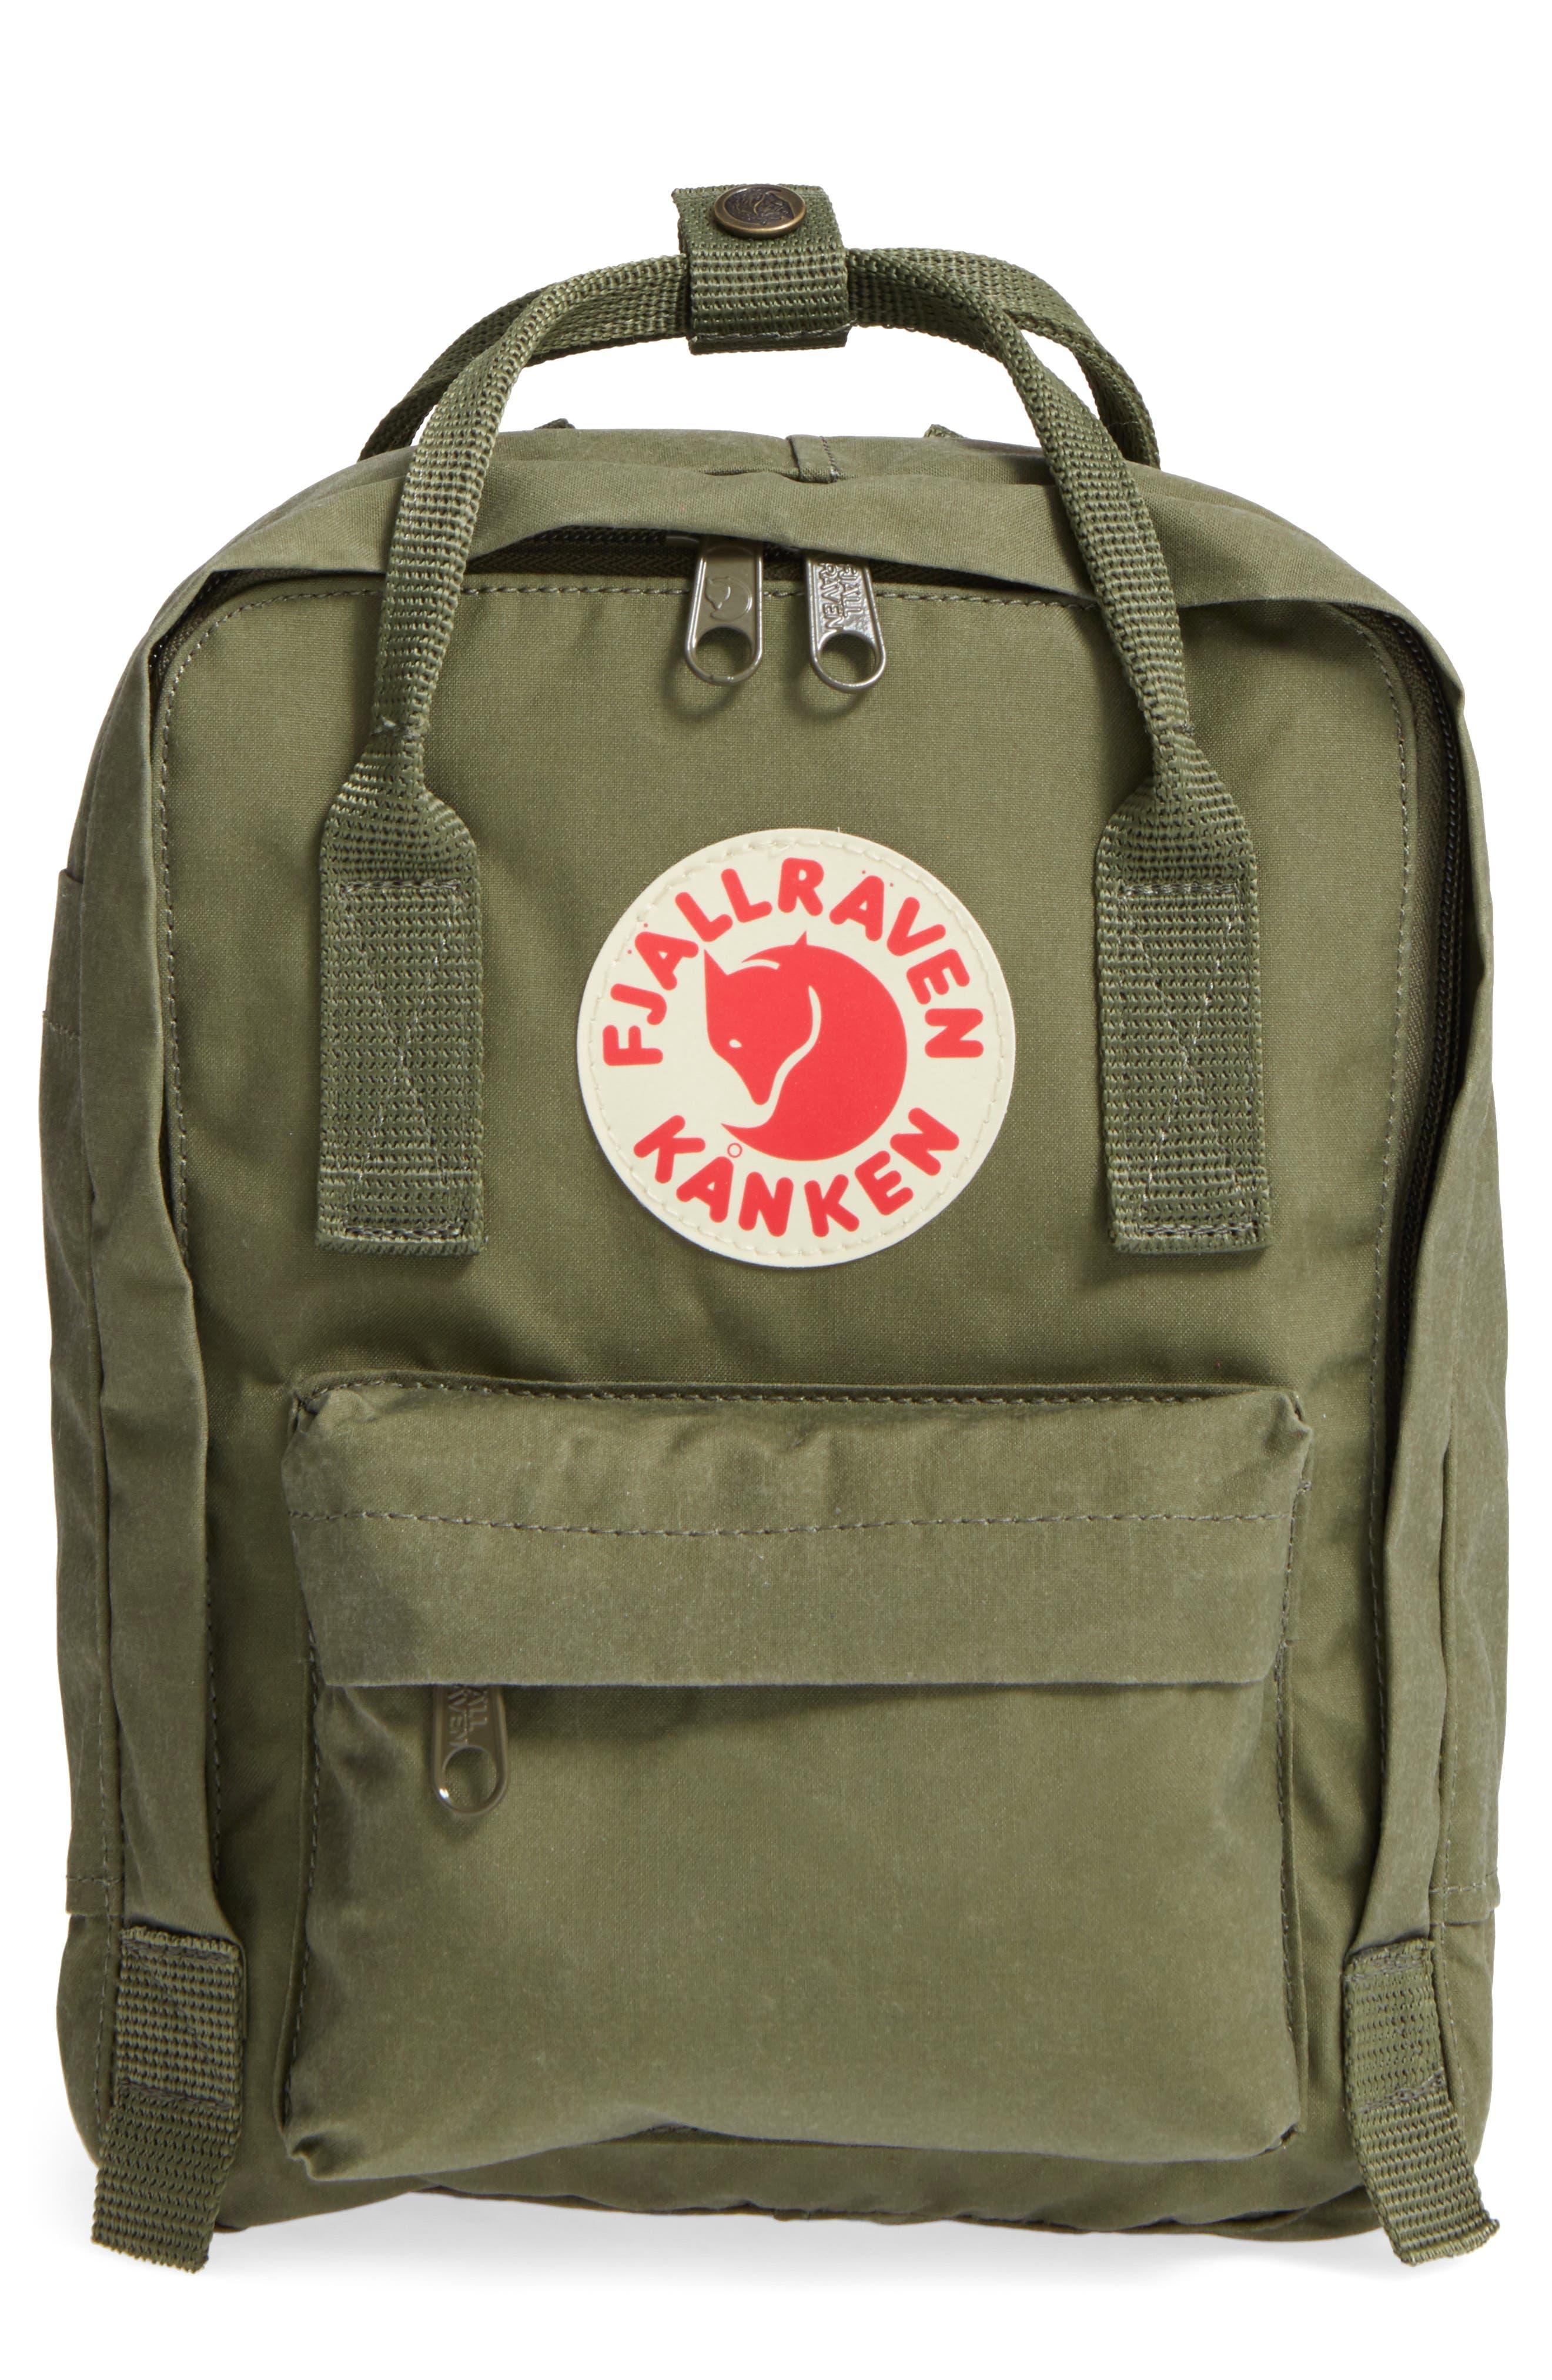 Alternate Image 1 Selected - Fjällräven 'Mini Kånken' Water Resistant Backpack (Nordstrom Exclusive Color)